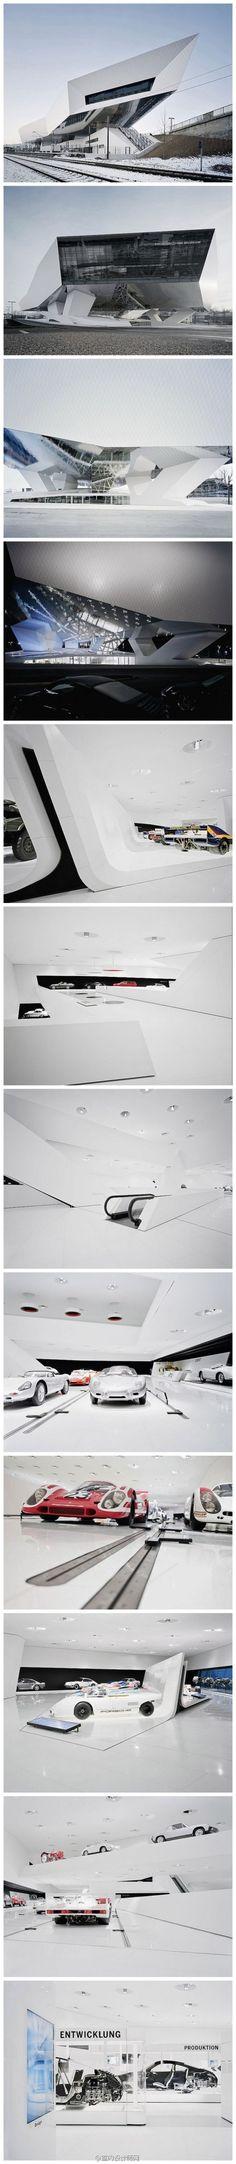 保时捷公司的发源地德国城市斯图加特(Stuttgart)是全世界著名的汽车城。来自澳大利亚的建筑事务所 Delugan Meissl Associated Architects 为保时捷公司设计了非常具有戏剧性的想象力的新的保时捷博物馆